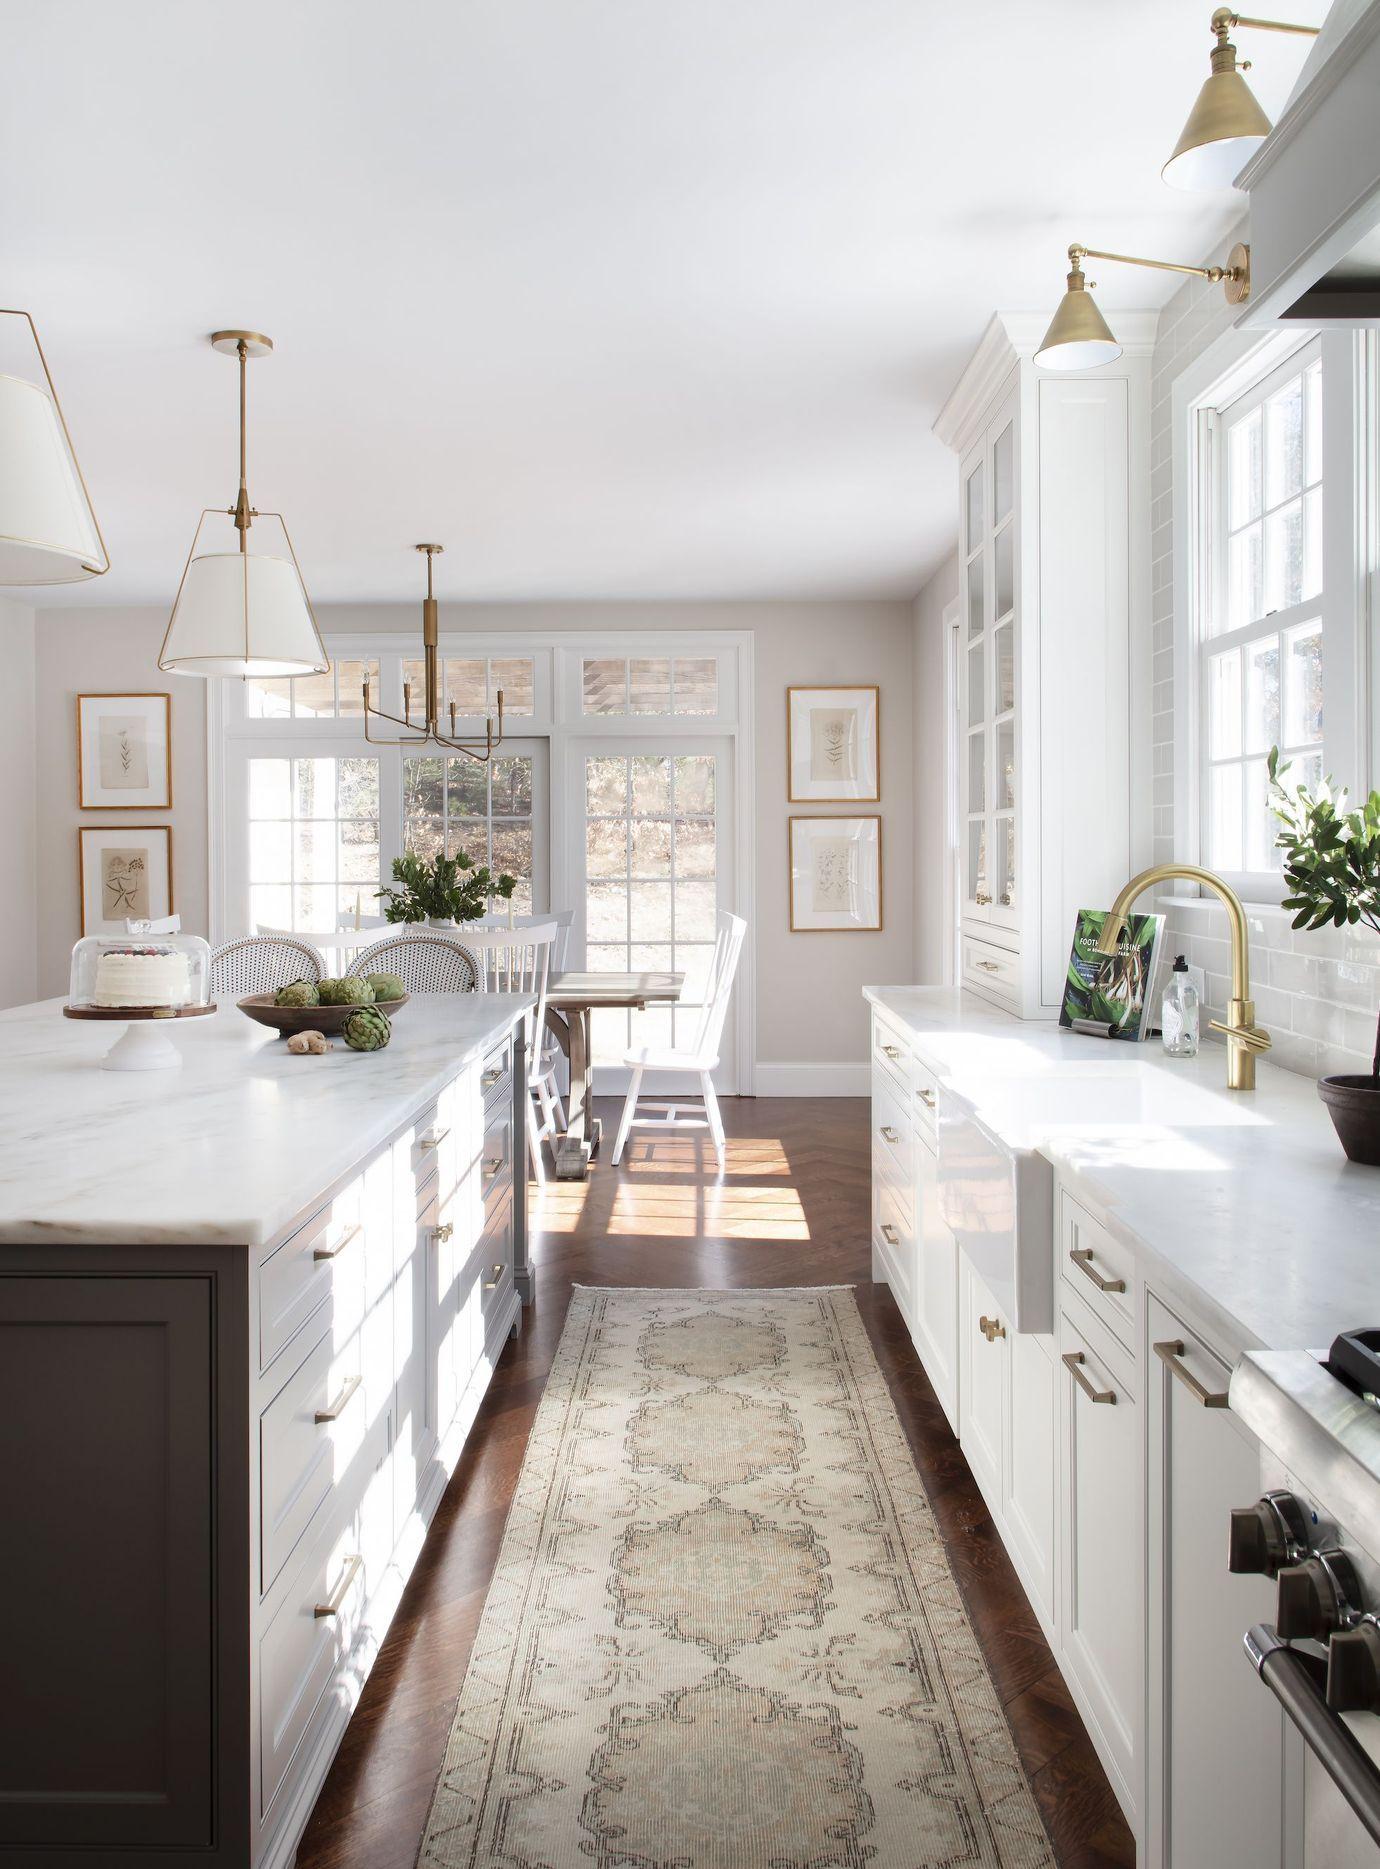 Types Of Kitchen Kitchen Design Layout Kitchens Designs Modern